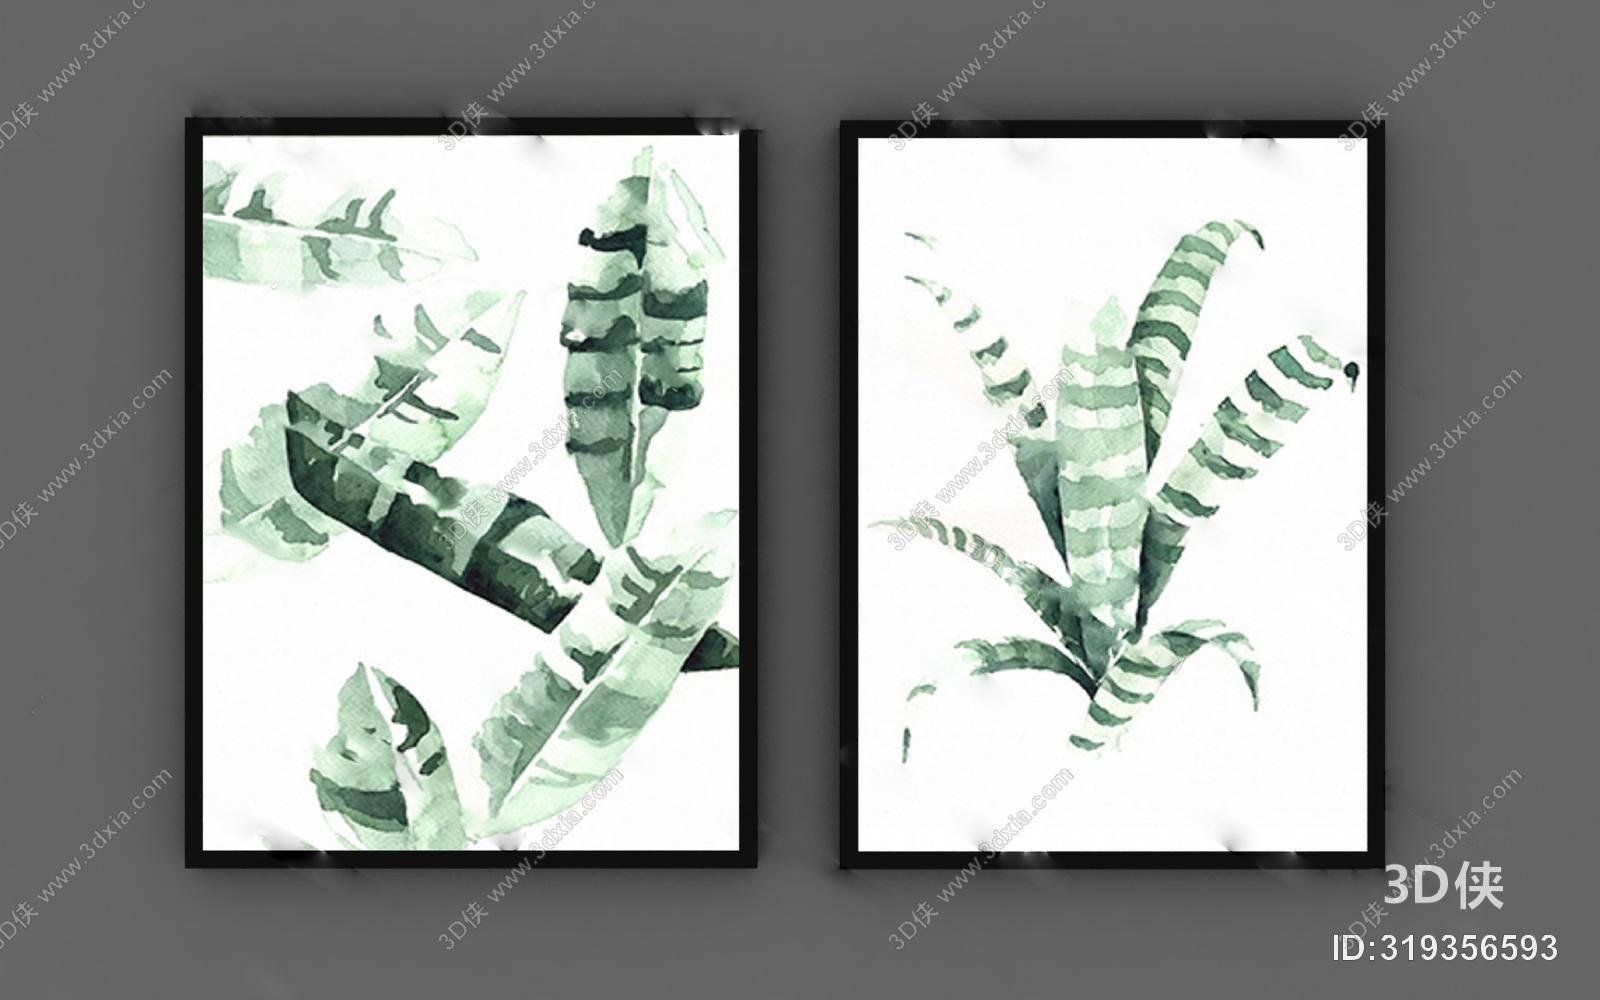 墙绘效果图素材免费下载,本作品主题是北欧装饰画3d模型下载,编号是